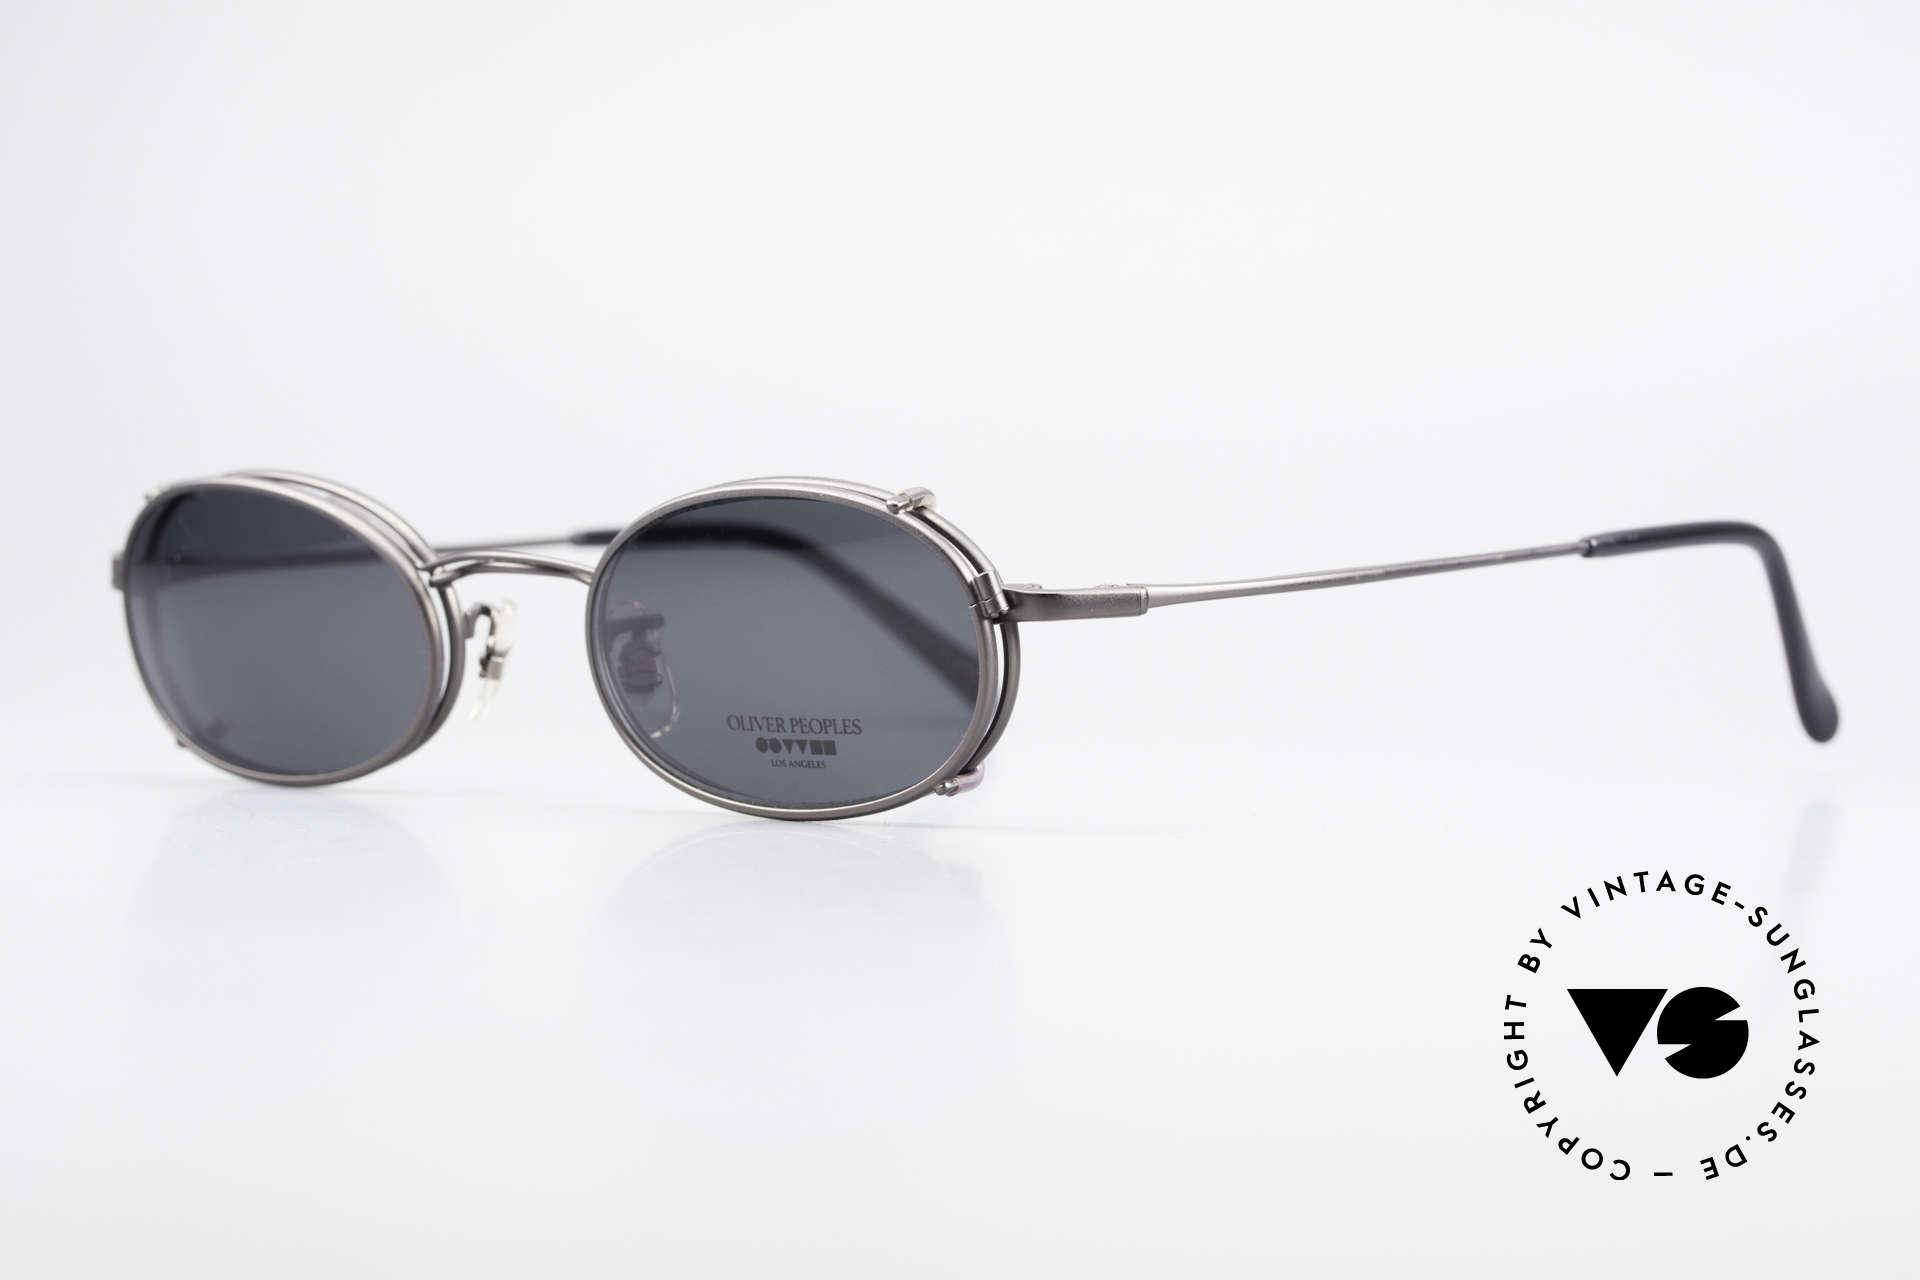 Oliver Peoples OP583 Ovale 90er Brille Mit Sun Clip, zeitlos, schlicht, elegant (mit passendem Sonnen-Clip), Passend für Herren